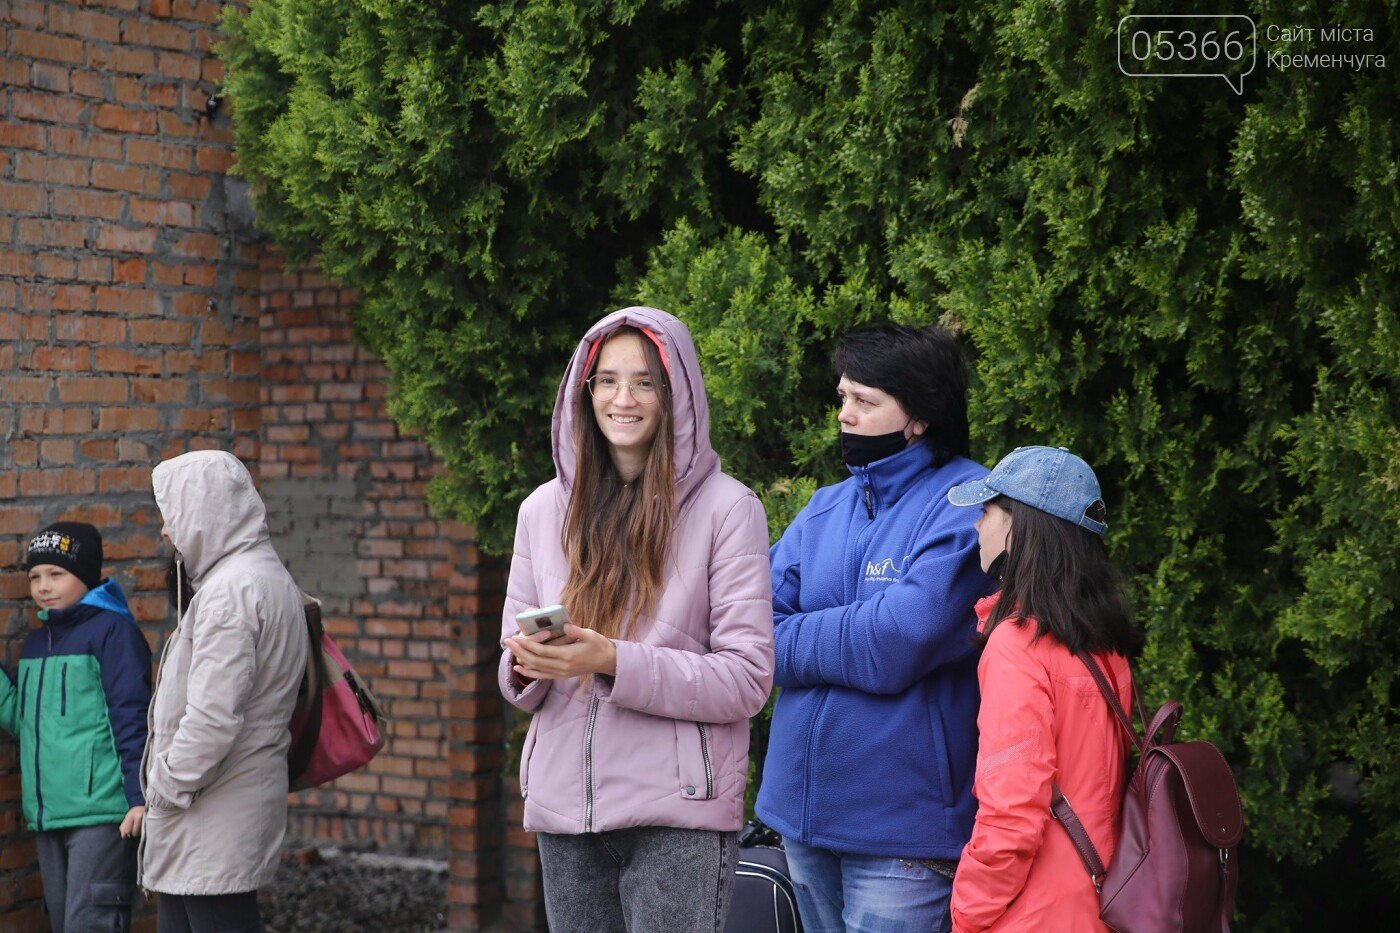 """У літній табір стукаючи зубами від холоду: сьогодні дітей відправляють до """"Зоряного"""". ФОТО, фото-4"""